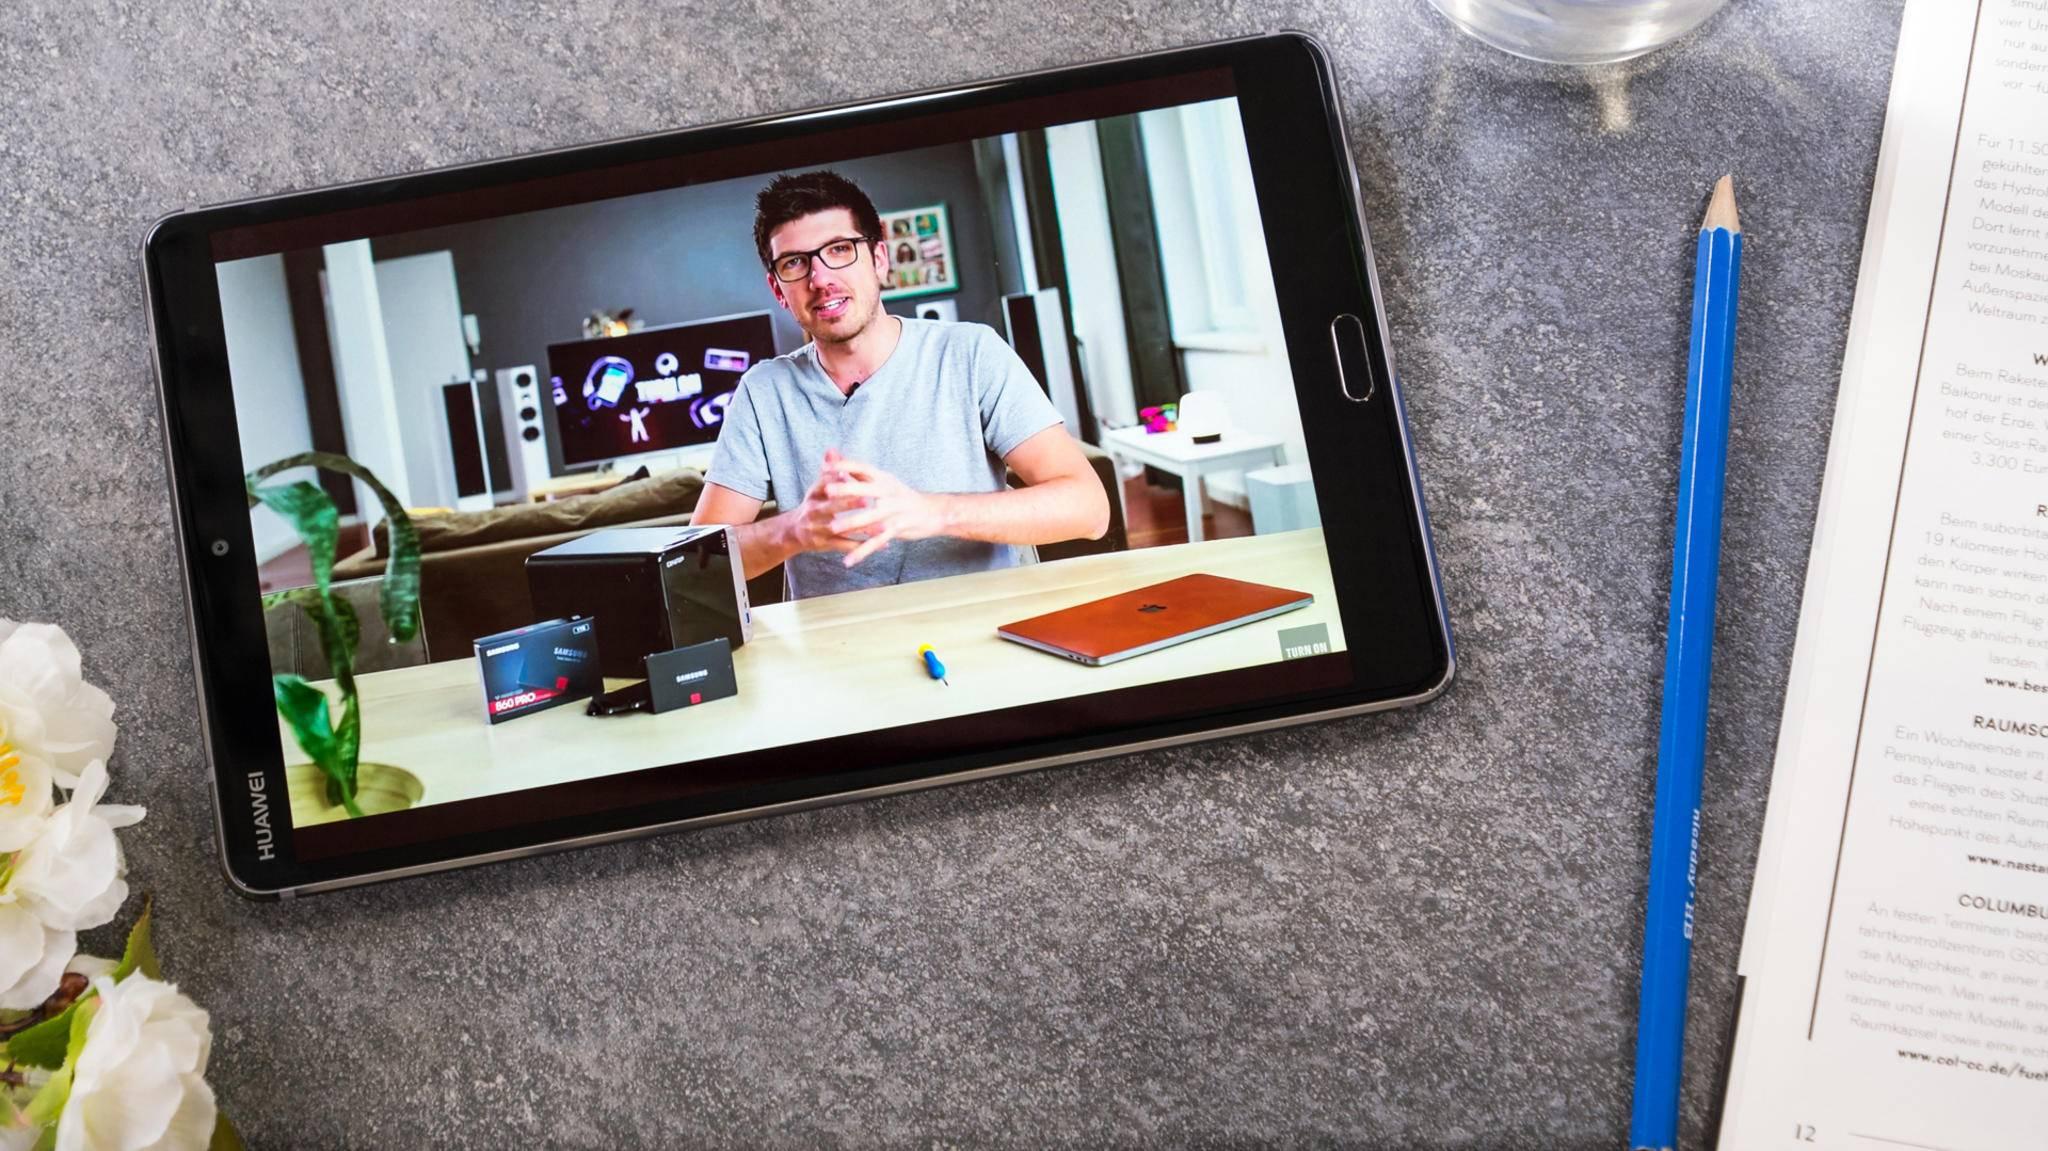 Autoplay-Videos für Android-Geräte werden derzeit ausgerollt.